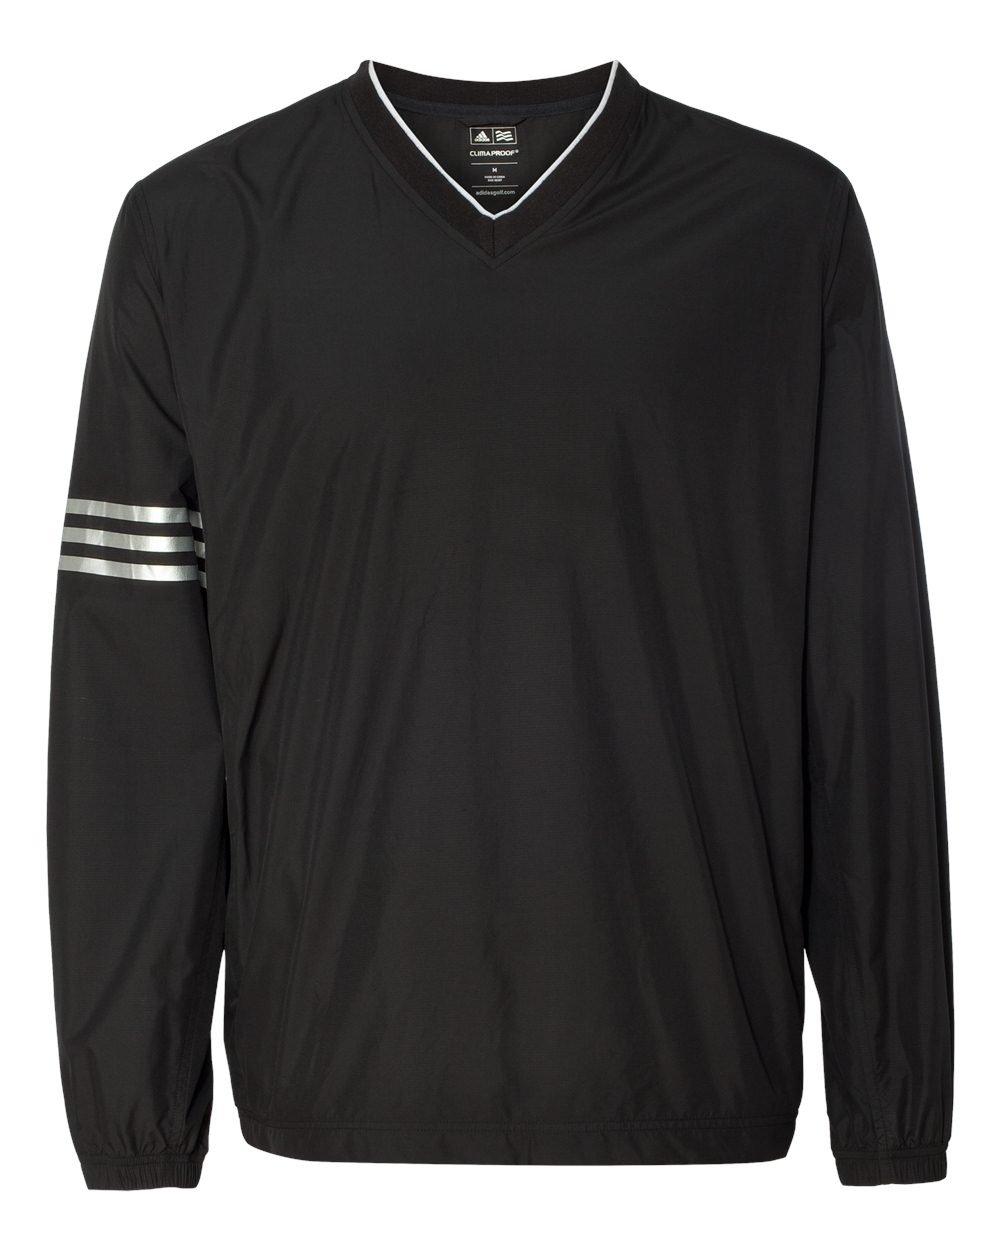 アメリカ版モデルadidas(アディダス)ゴルフクライマプルーフClimaProofウィンドカラーブロックVネックウィンドシャツA147 [並行輸入品] B01CBBT66O US Mサイズ 黒黒(ブラックブラック) 黒黒(ブラックブラック) US Mサイズ